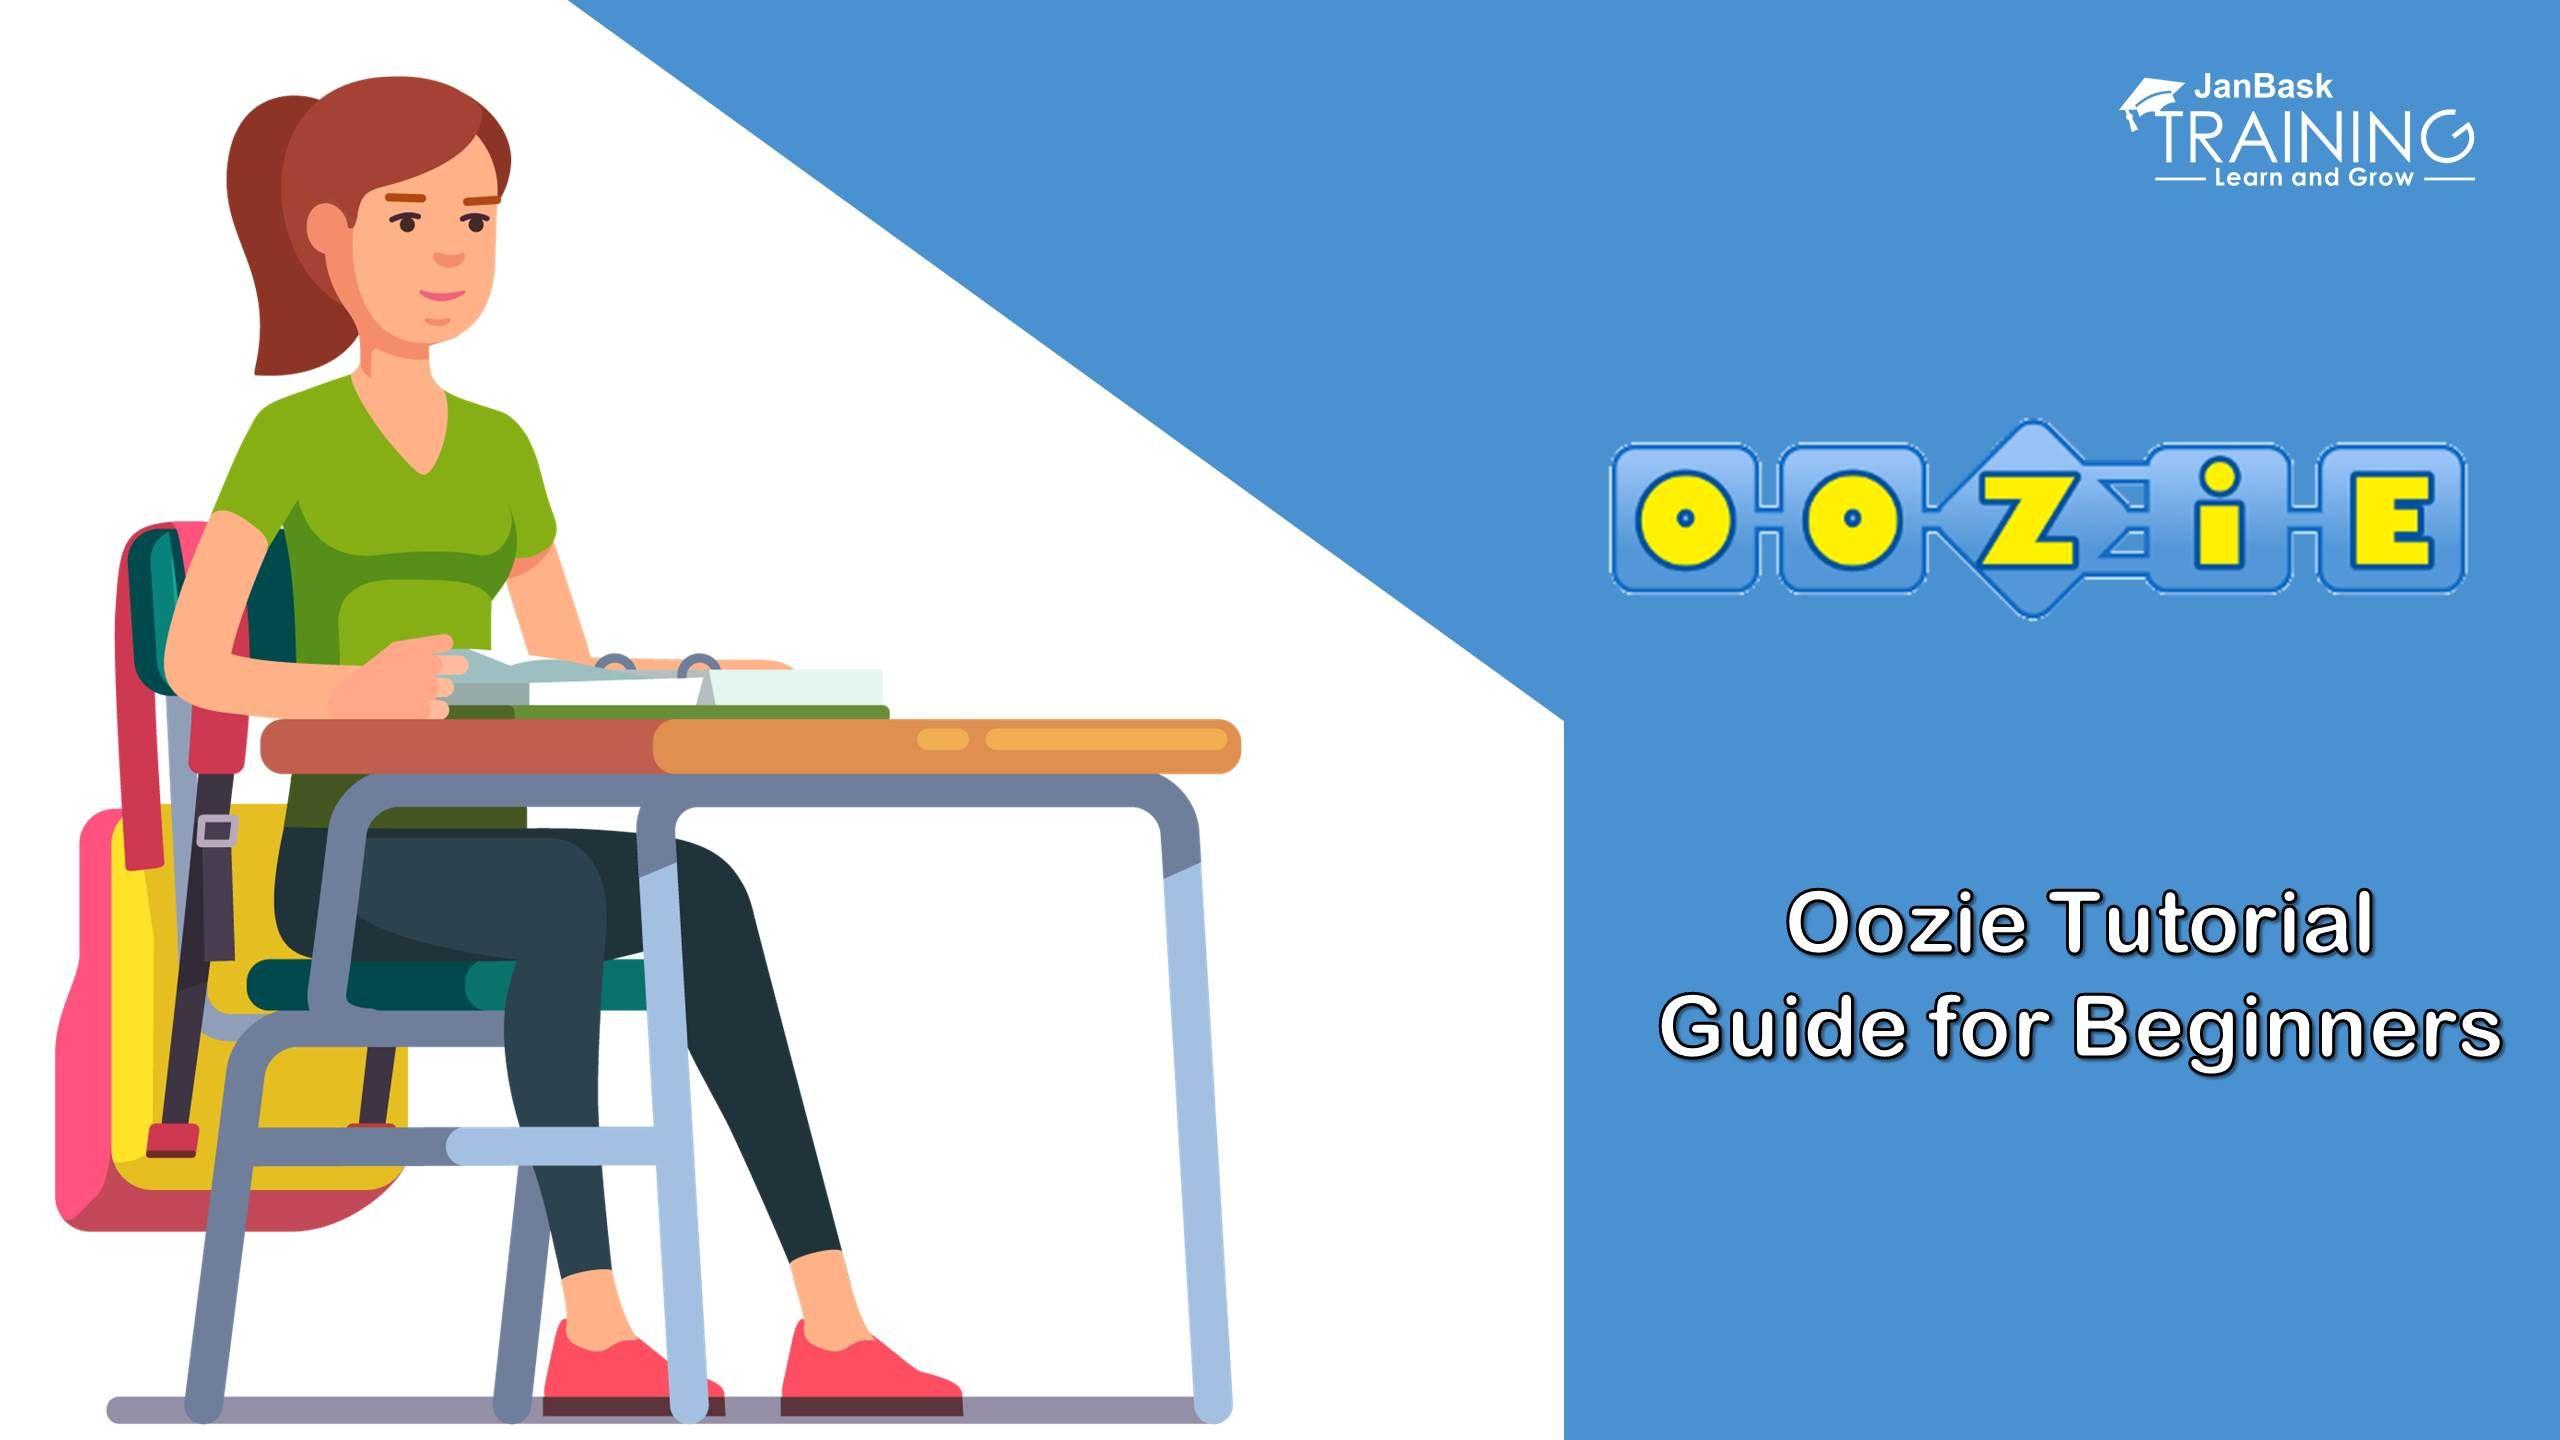 Apache oozie tutorial learn oozie intellipaat.